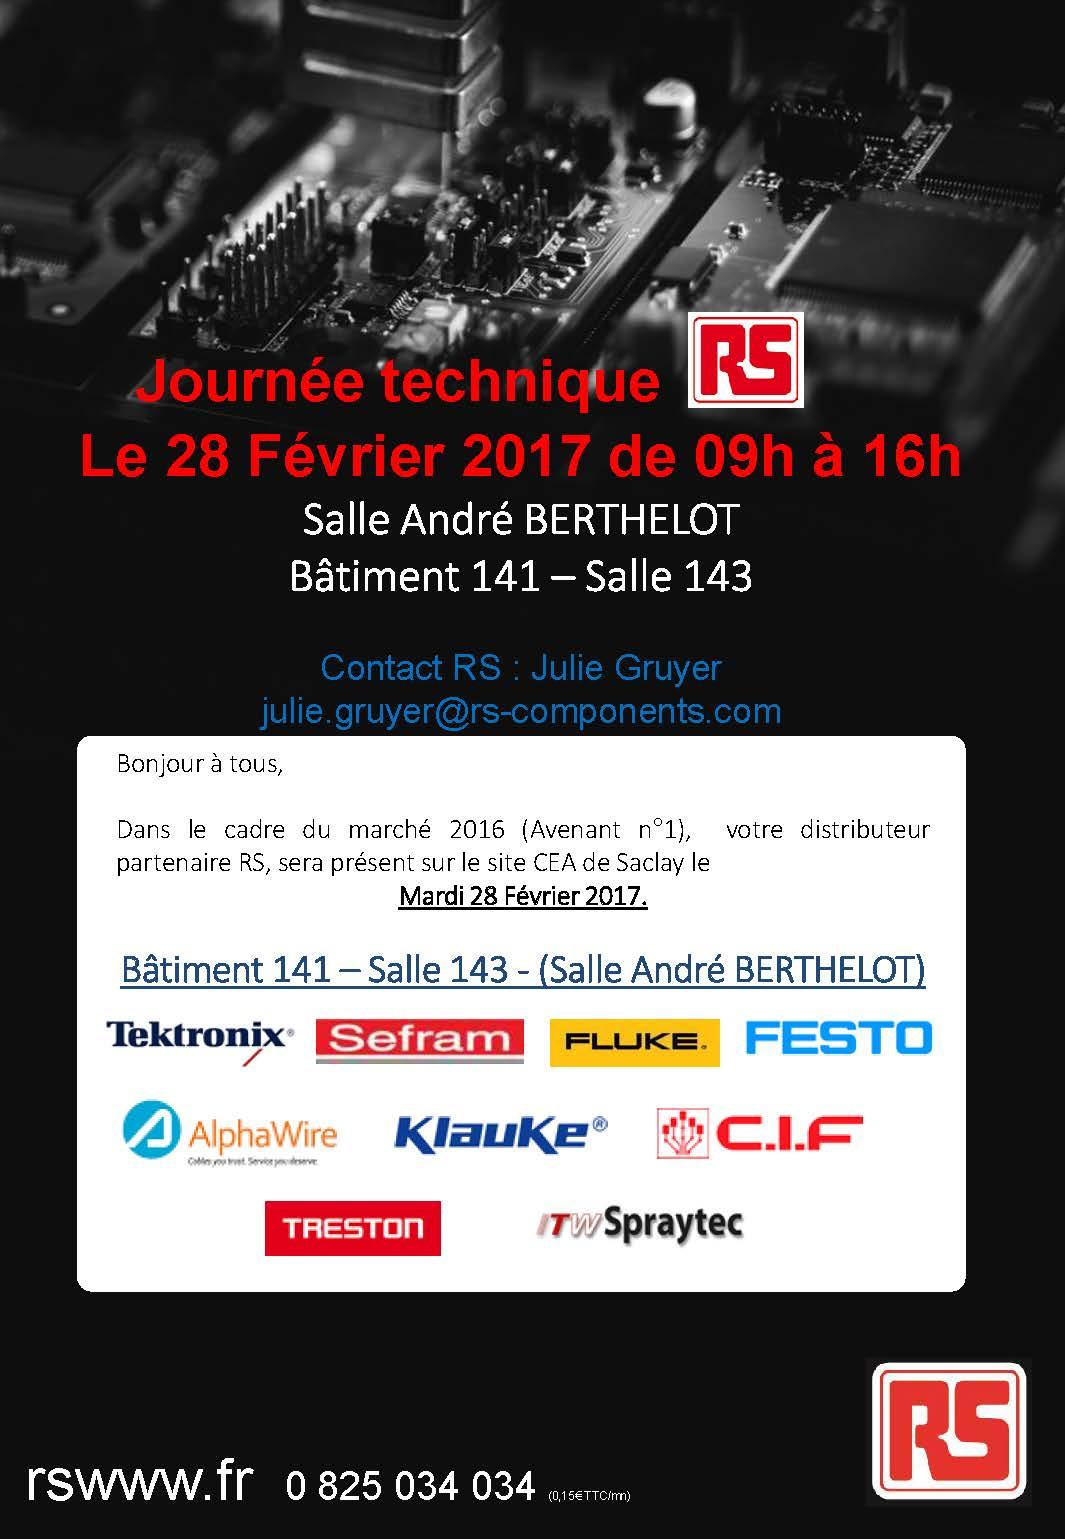 Journée technique RS Components le 28 février 2017